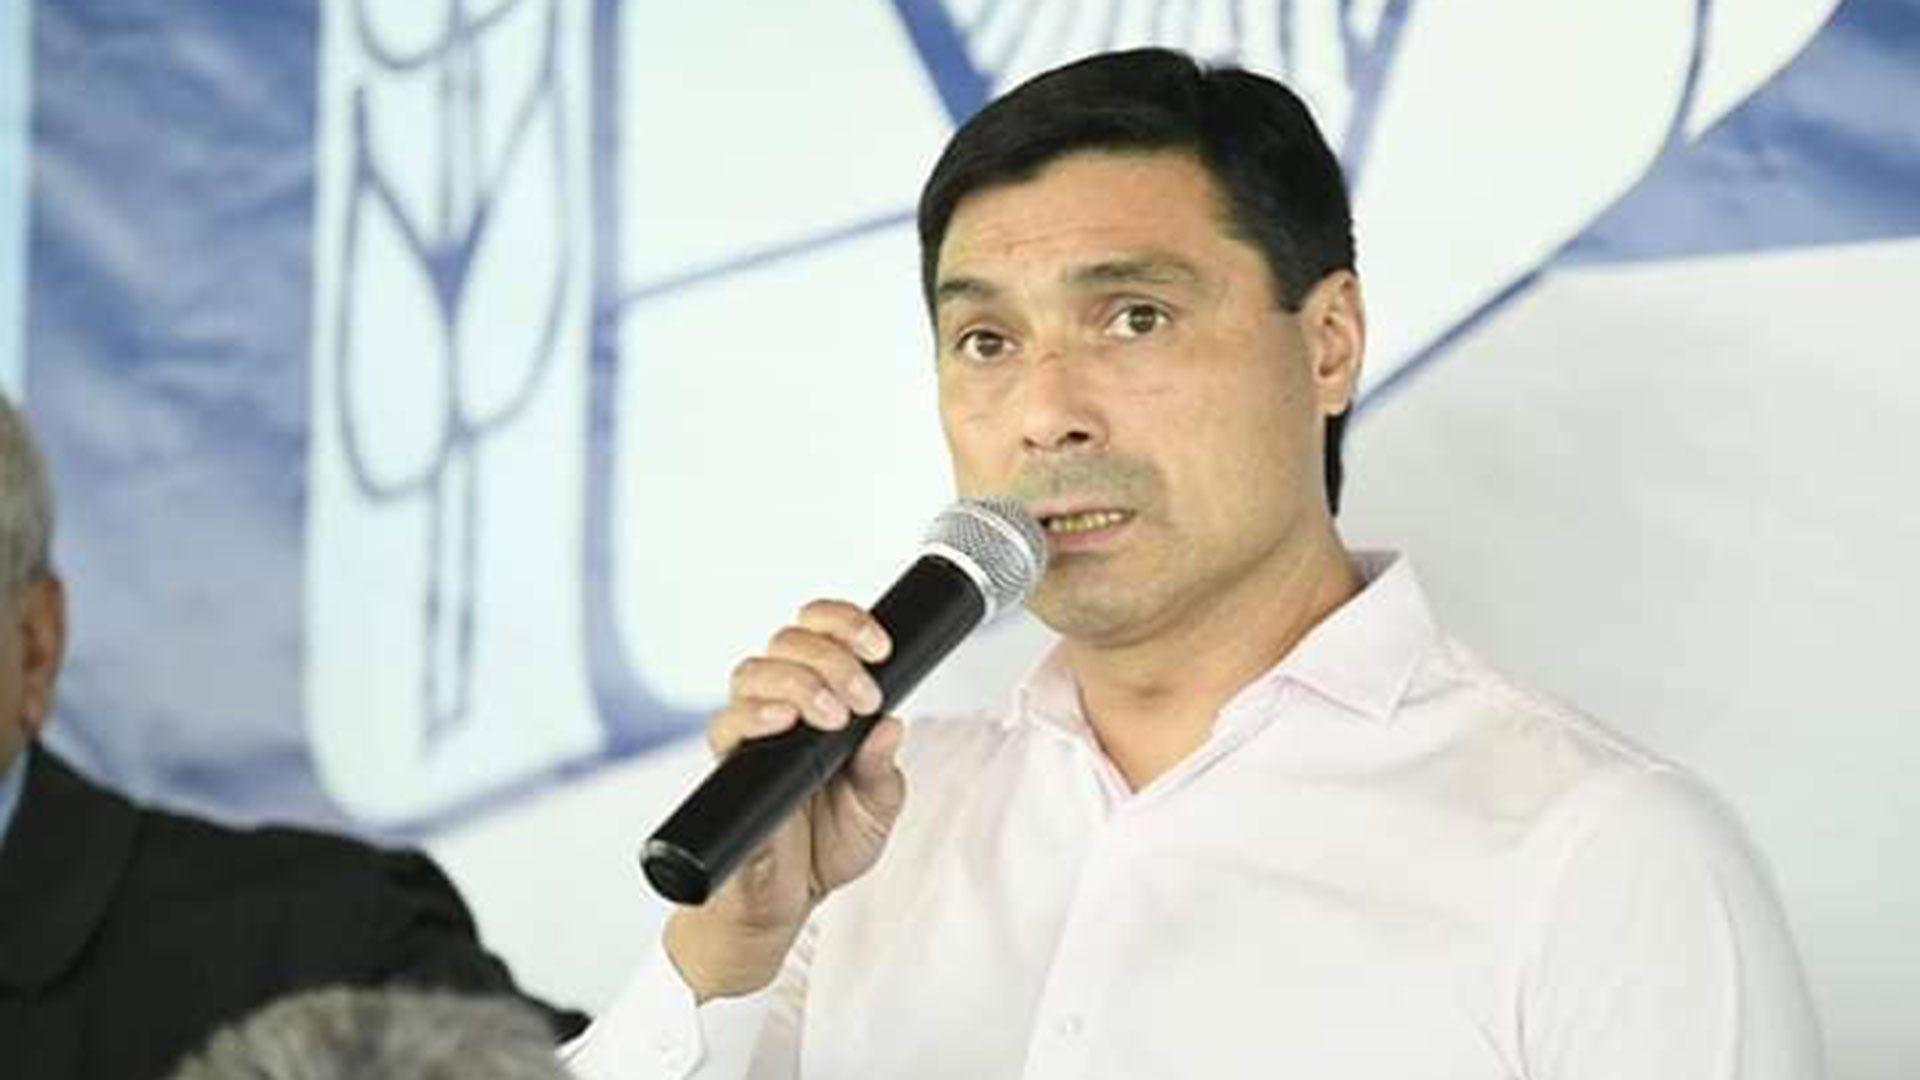 Pablo Ansaloni